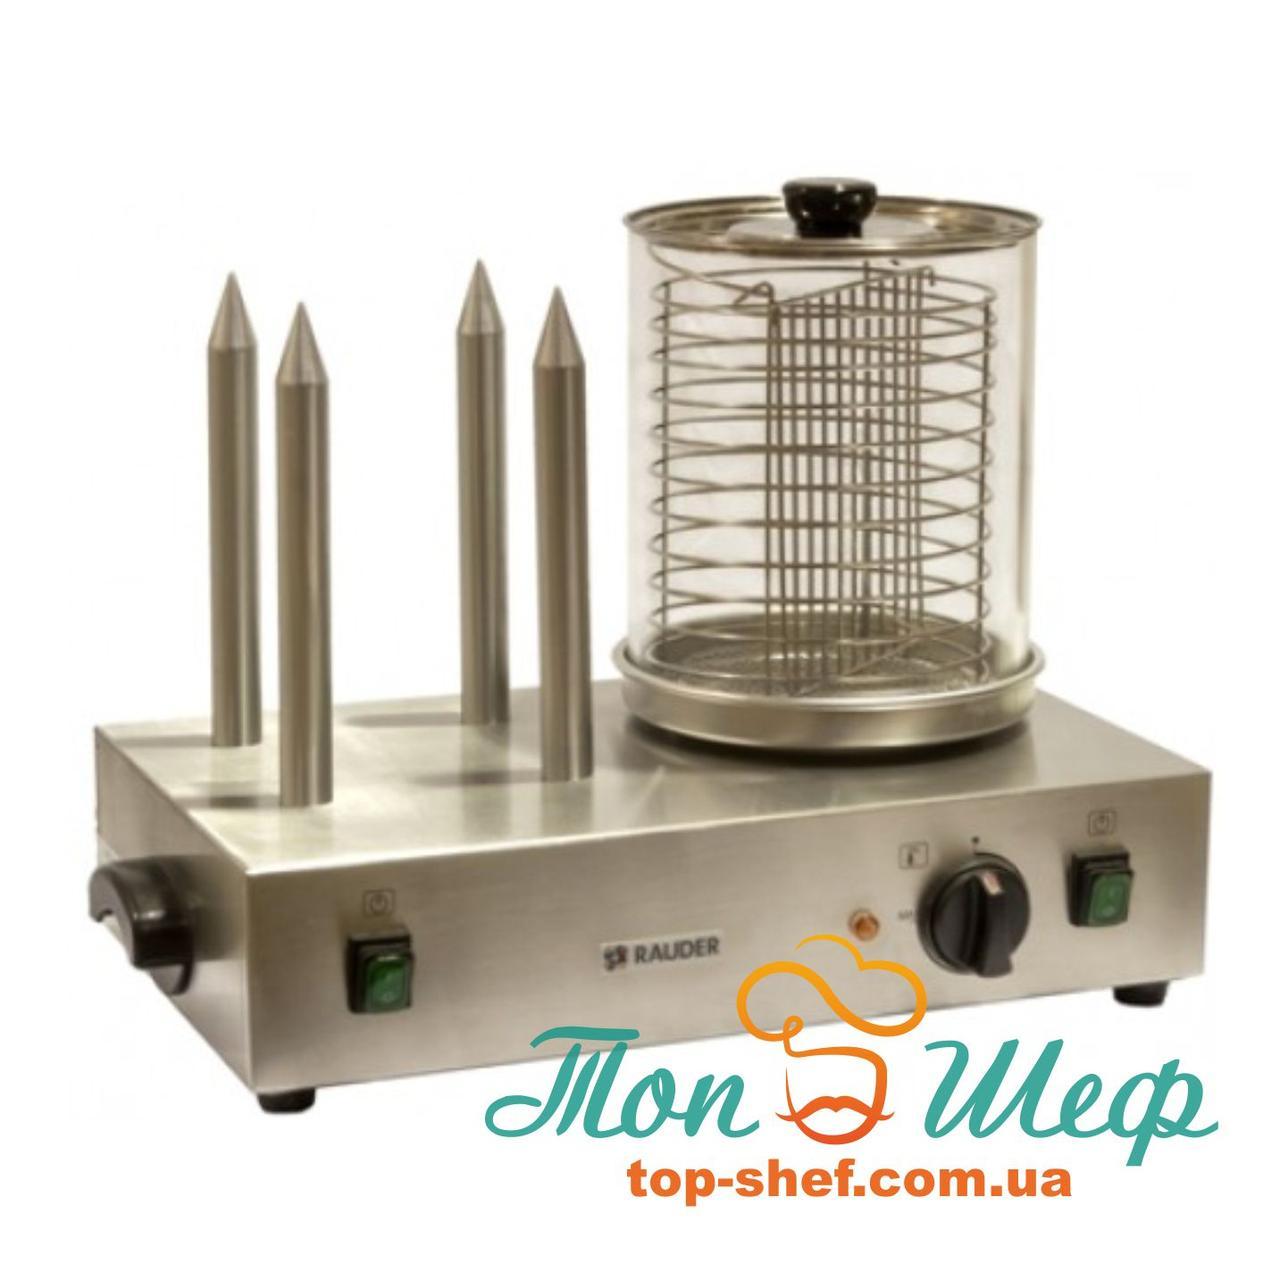 Аппарат для хот-дога Rauder HHD-1